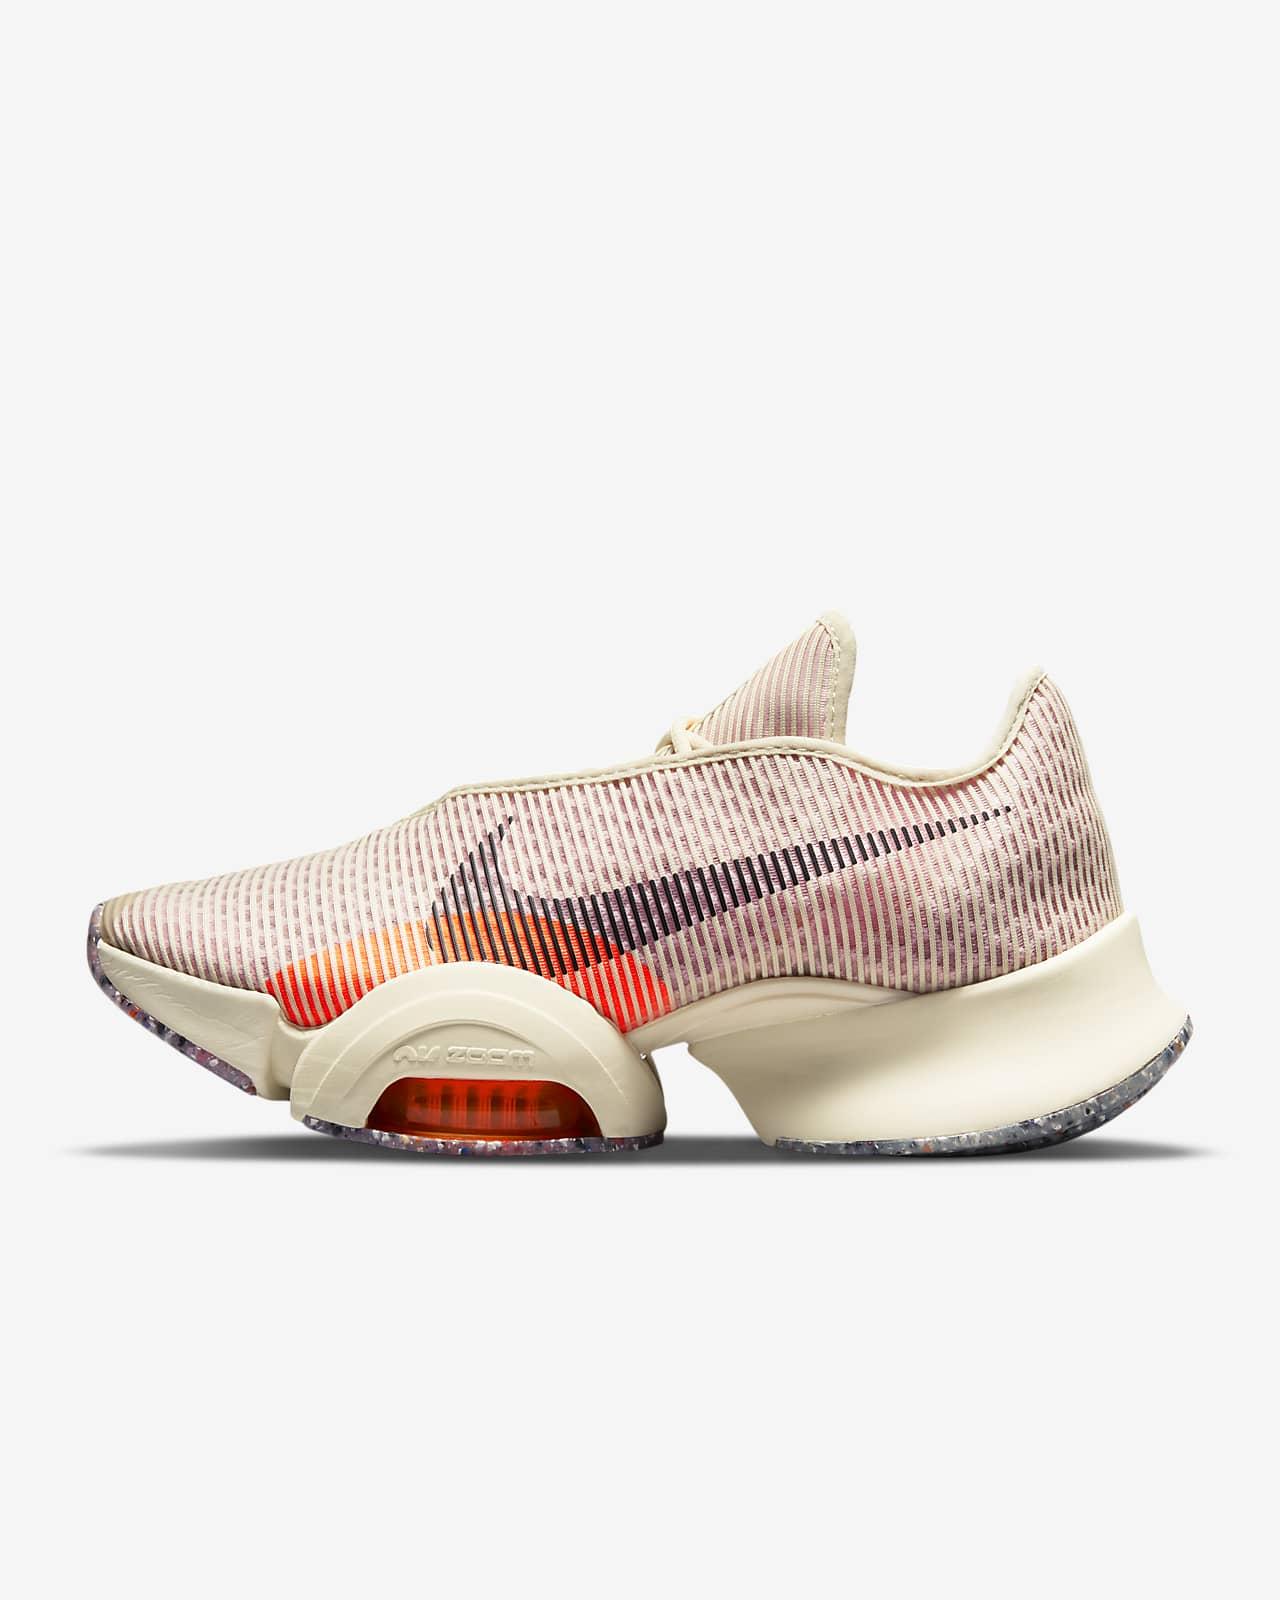 รองเท้าผู้หญิงสำหรับคลาส HIIT Nike Air Zoom SuperRep 2 Next Nature